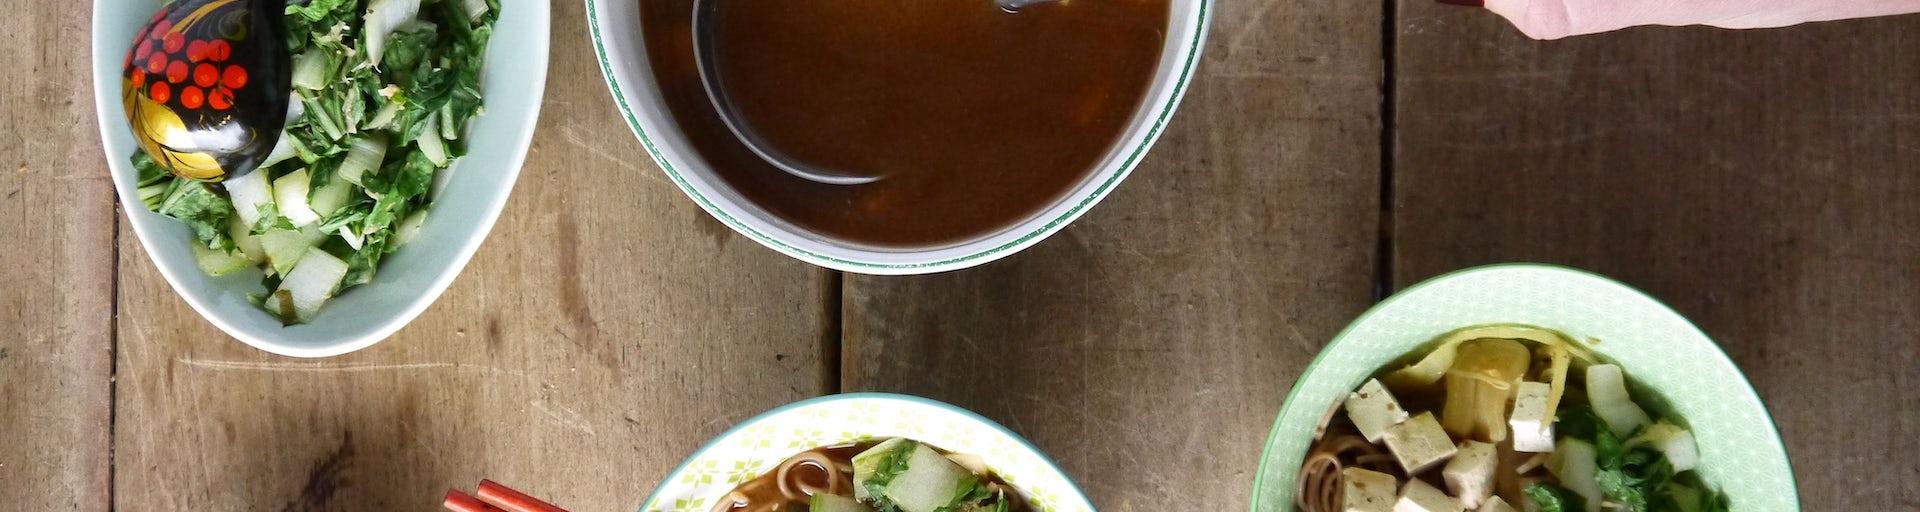 2832 Misosoep Met Tofu Paksoi En Soba Noedels